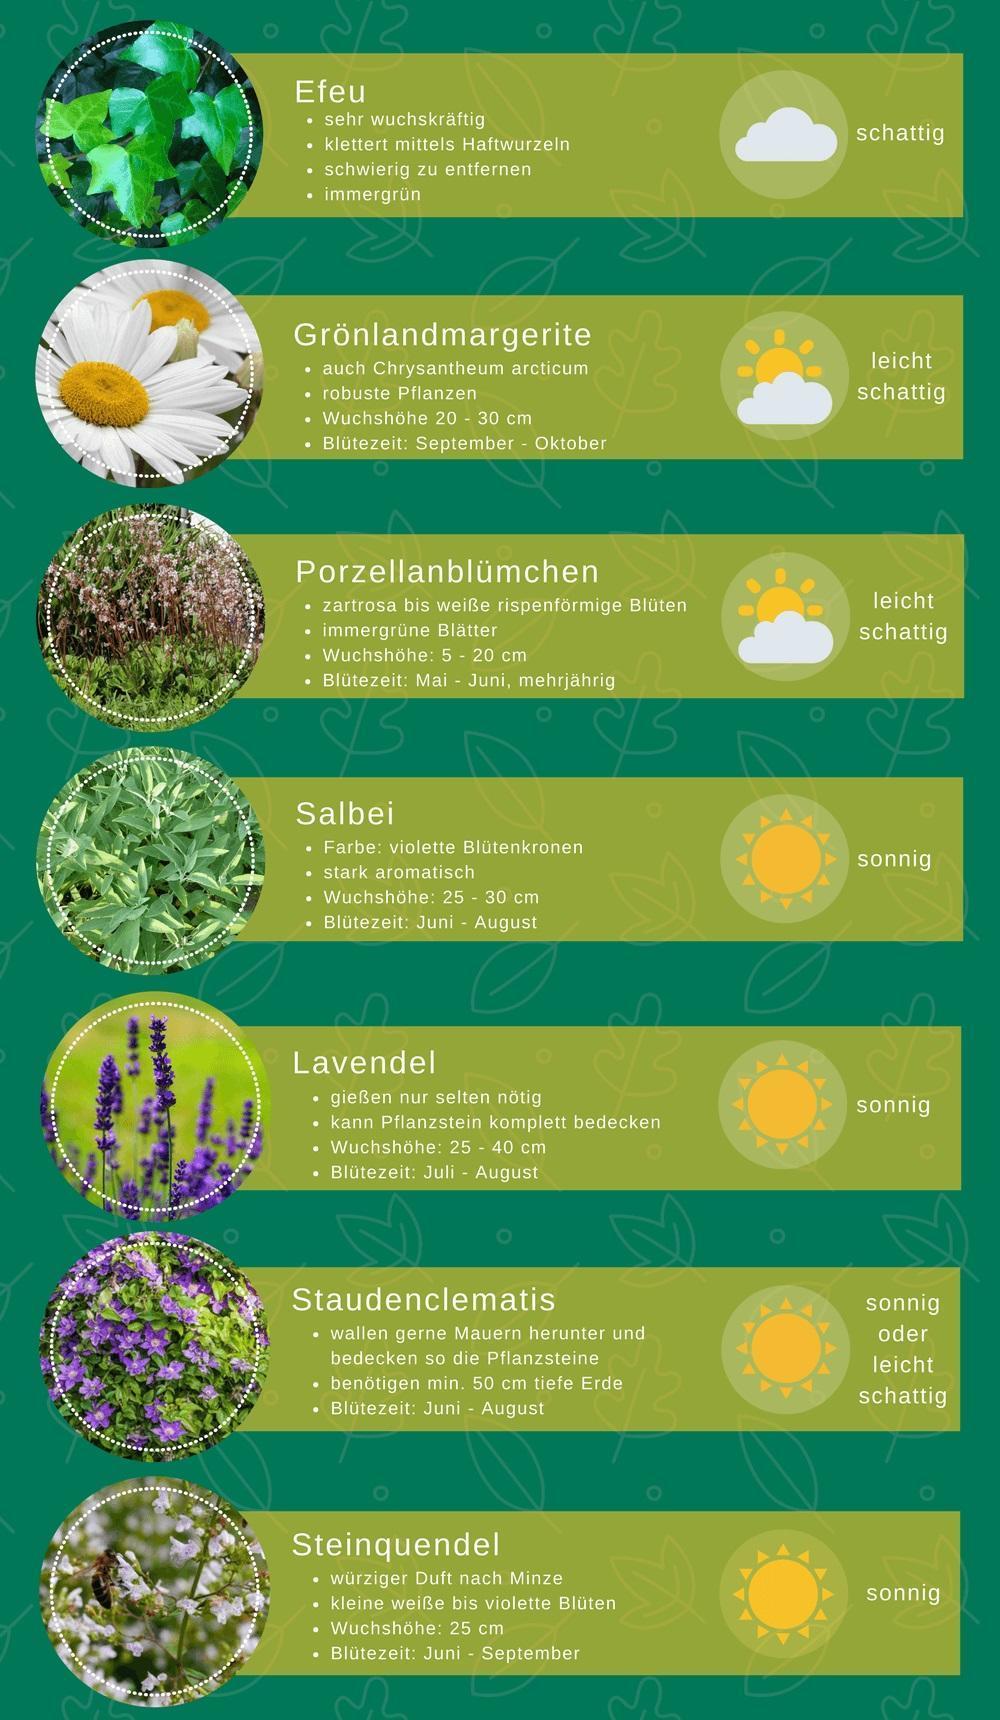 Auflistung von Pflanzen mit Eigenschaften und Standortangaben, die für Pflanzsteine geeignet sind